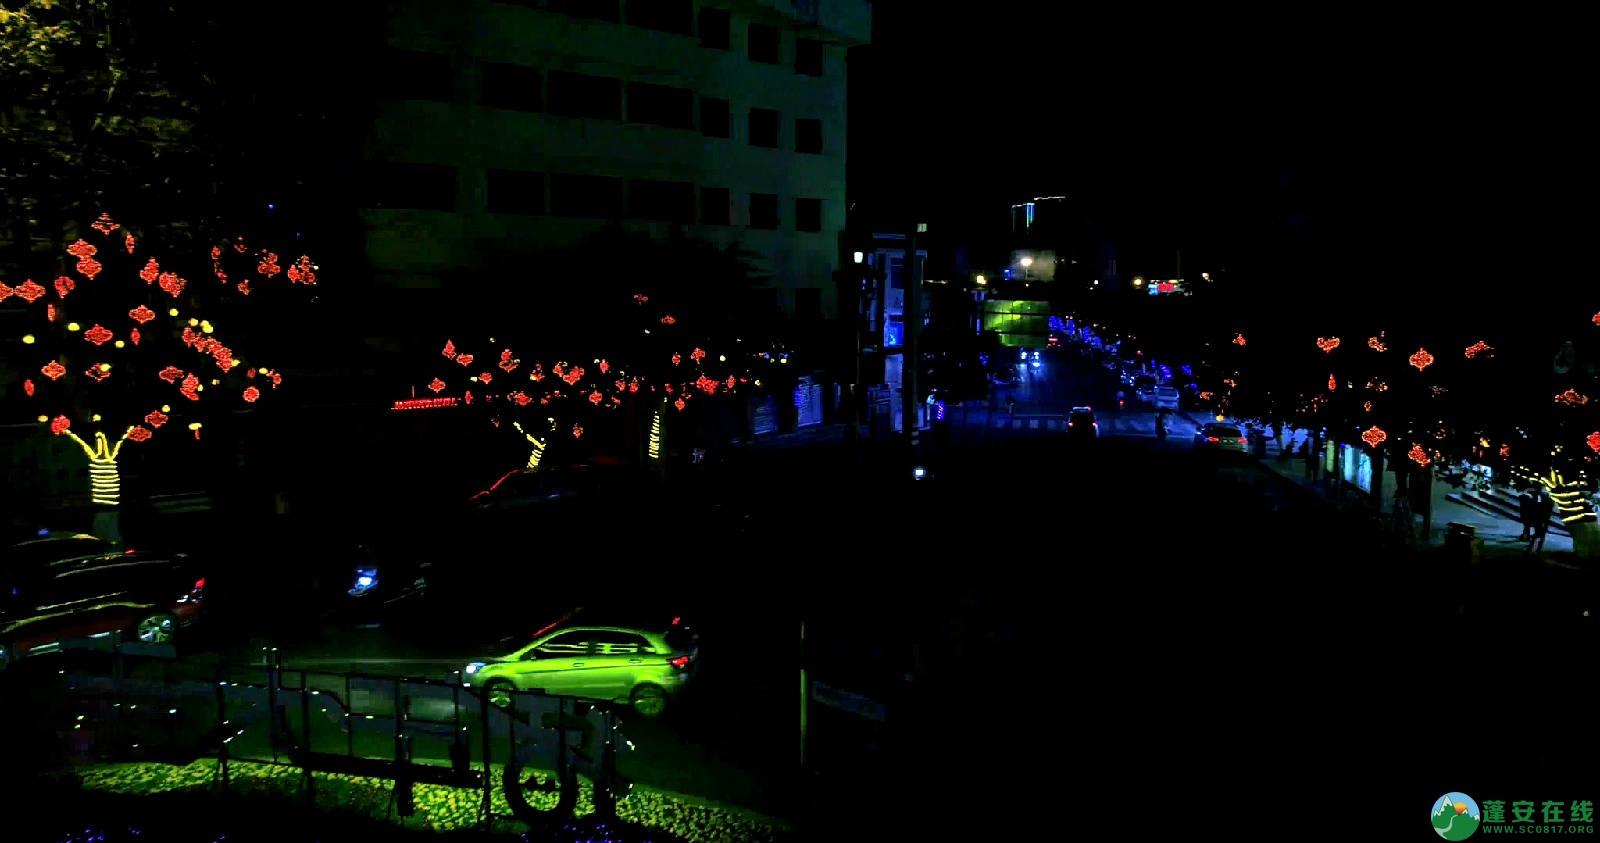 临近春节的蓬安夜色 - 第11张  | 蓬安在线